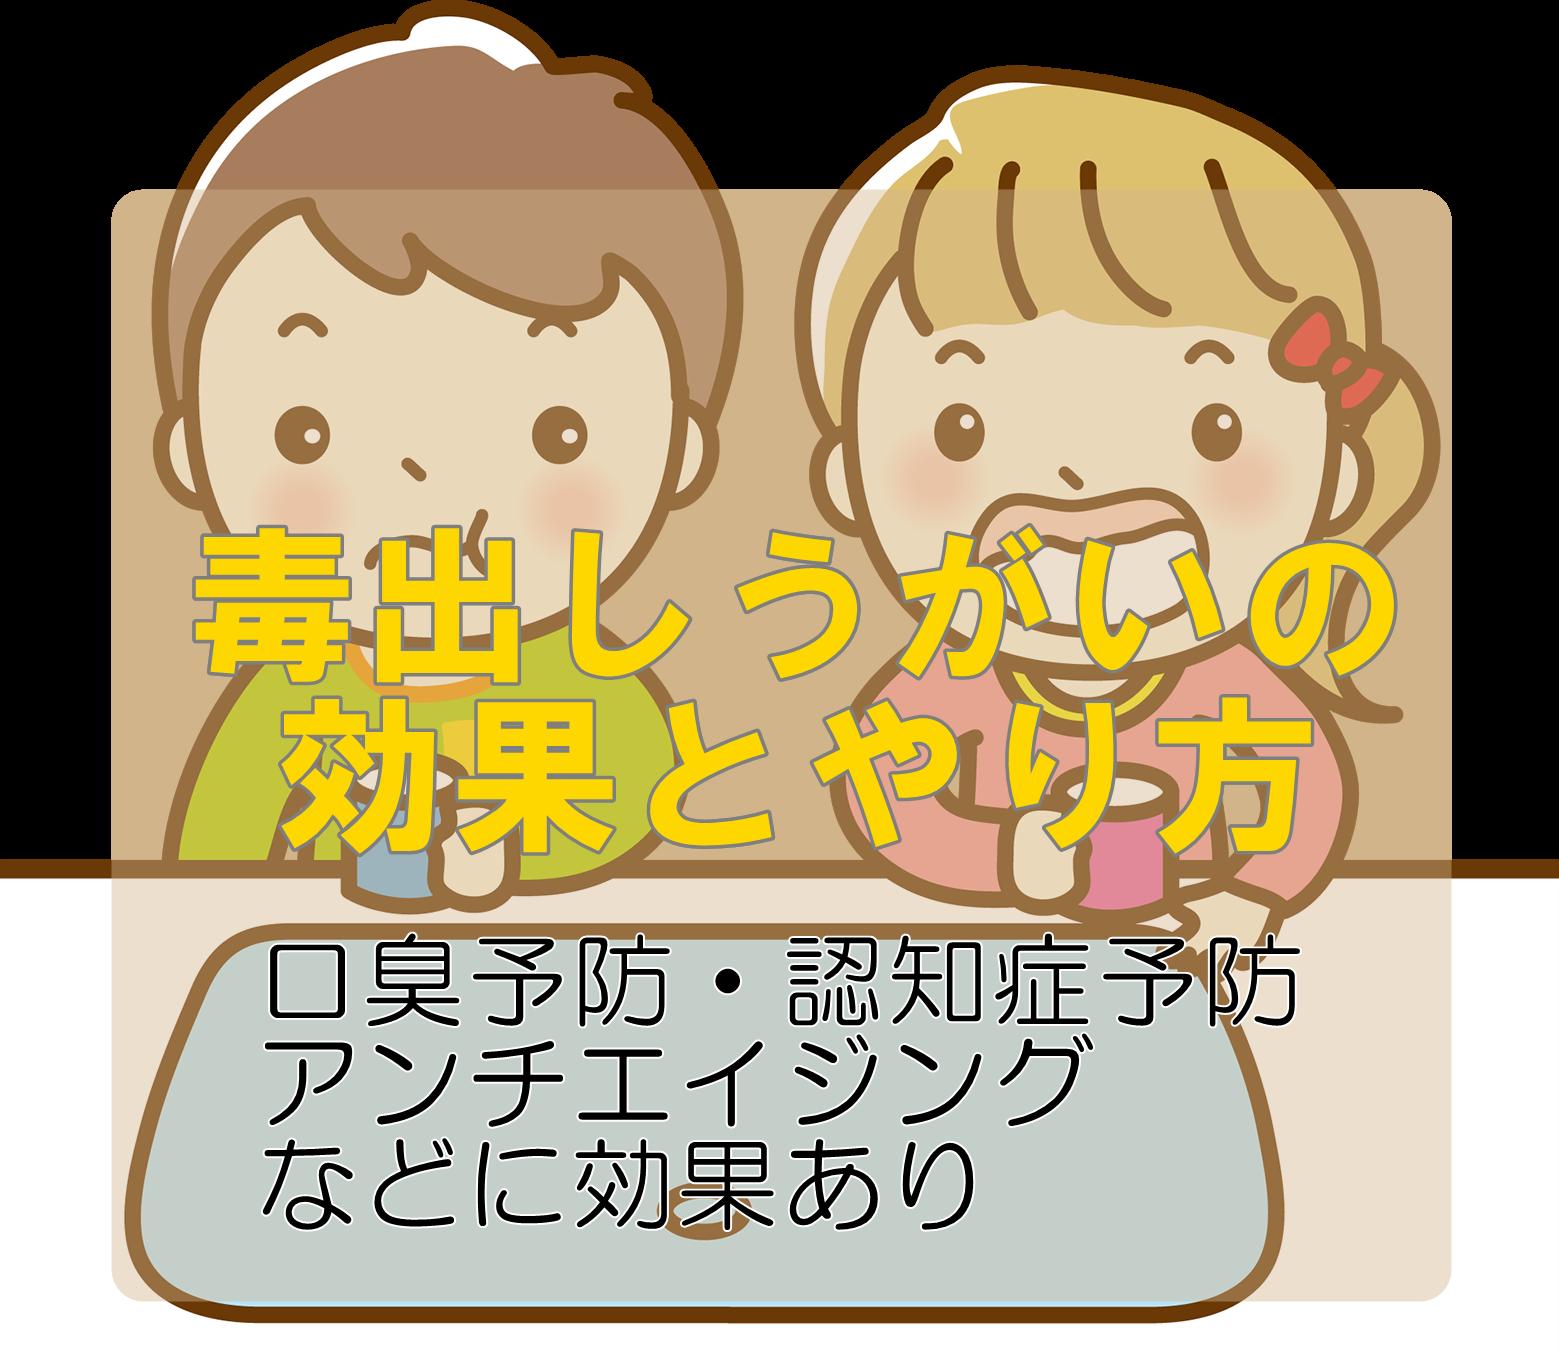 レイラ 受験 池田 高校